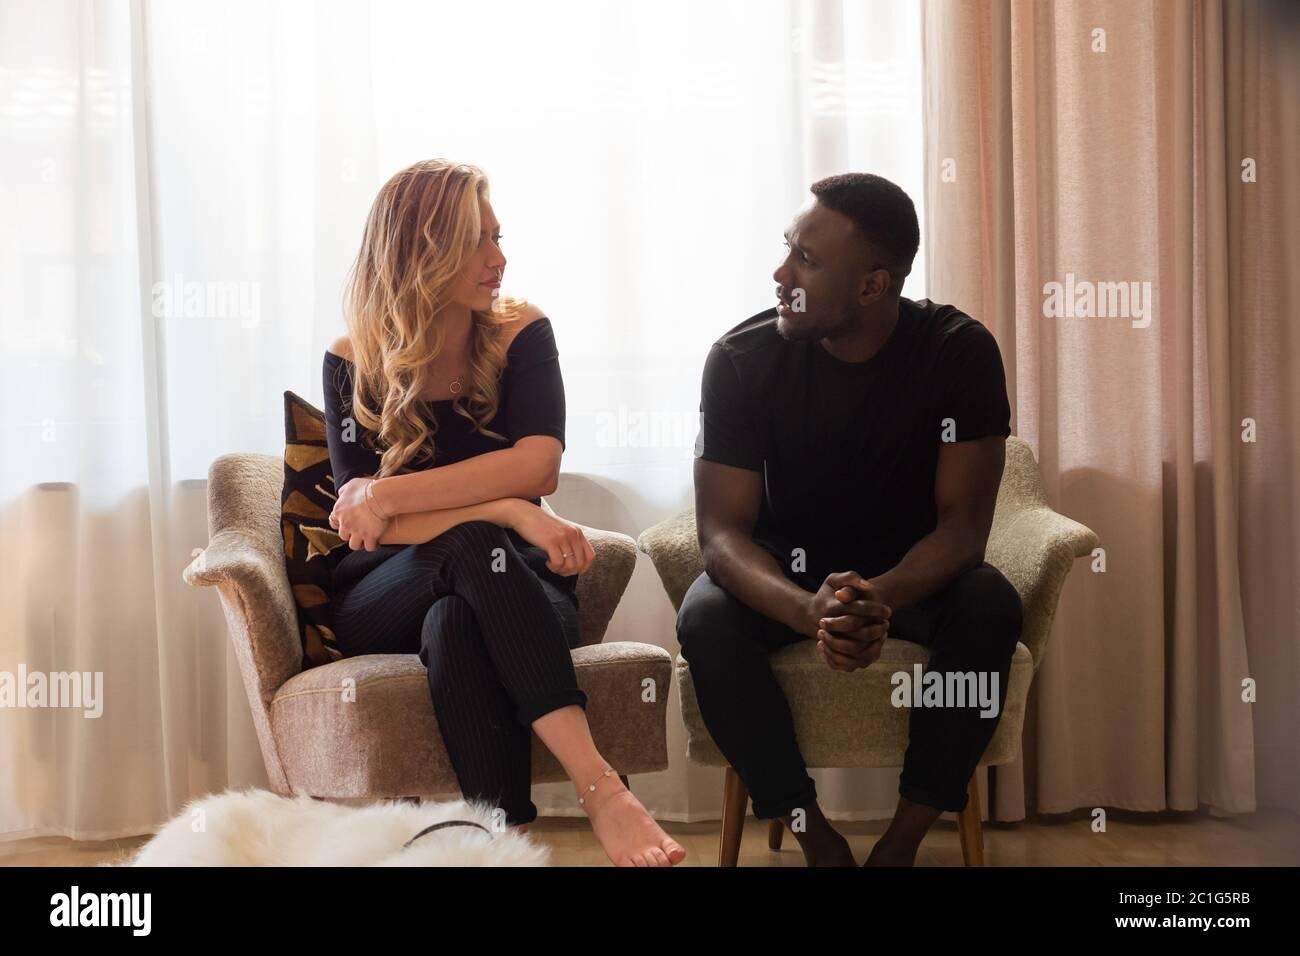 Portrait d'un couple de race mixte assis dans des fauteuils séparés parlant. Longueur totale. Banque D'Images